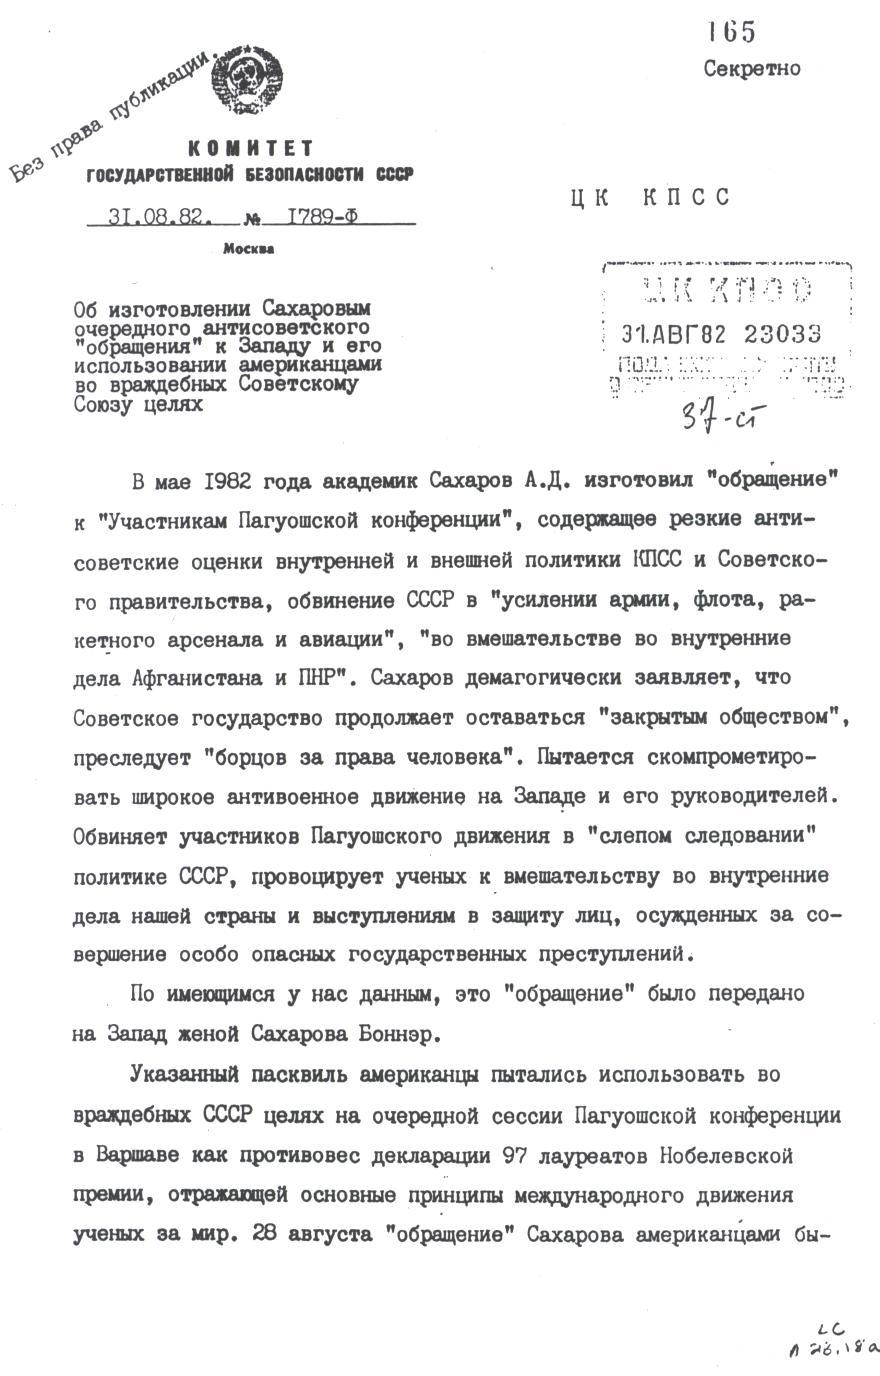 1982 Cyrillic KGB Document ...